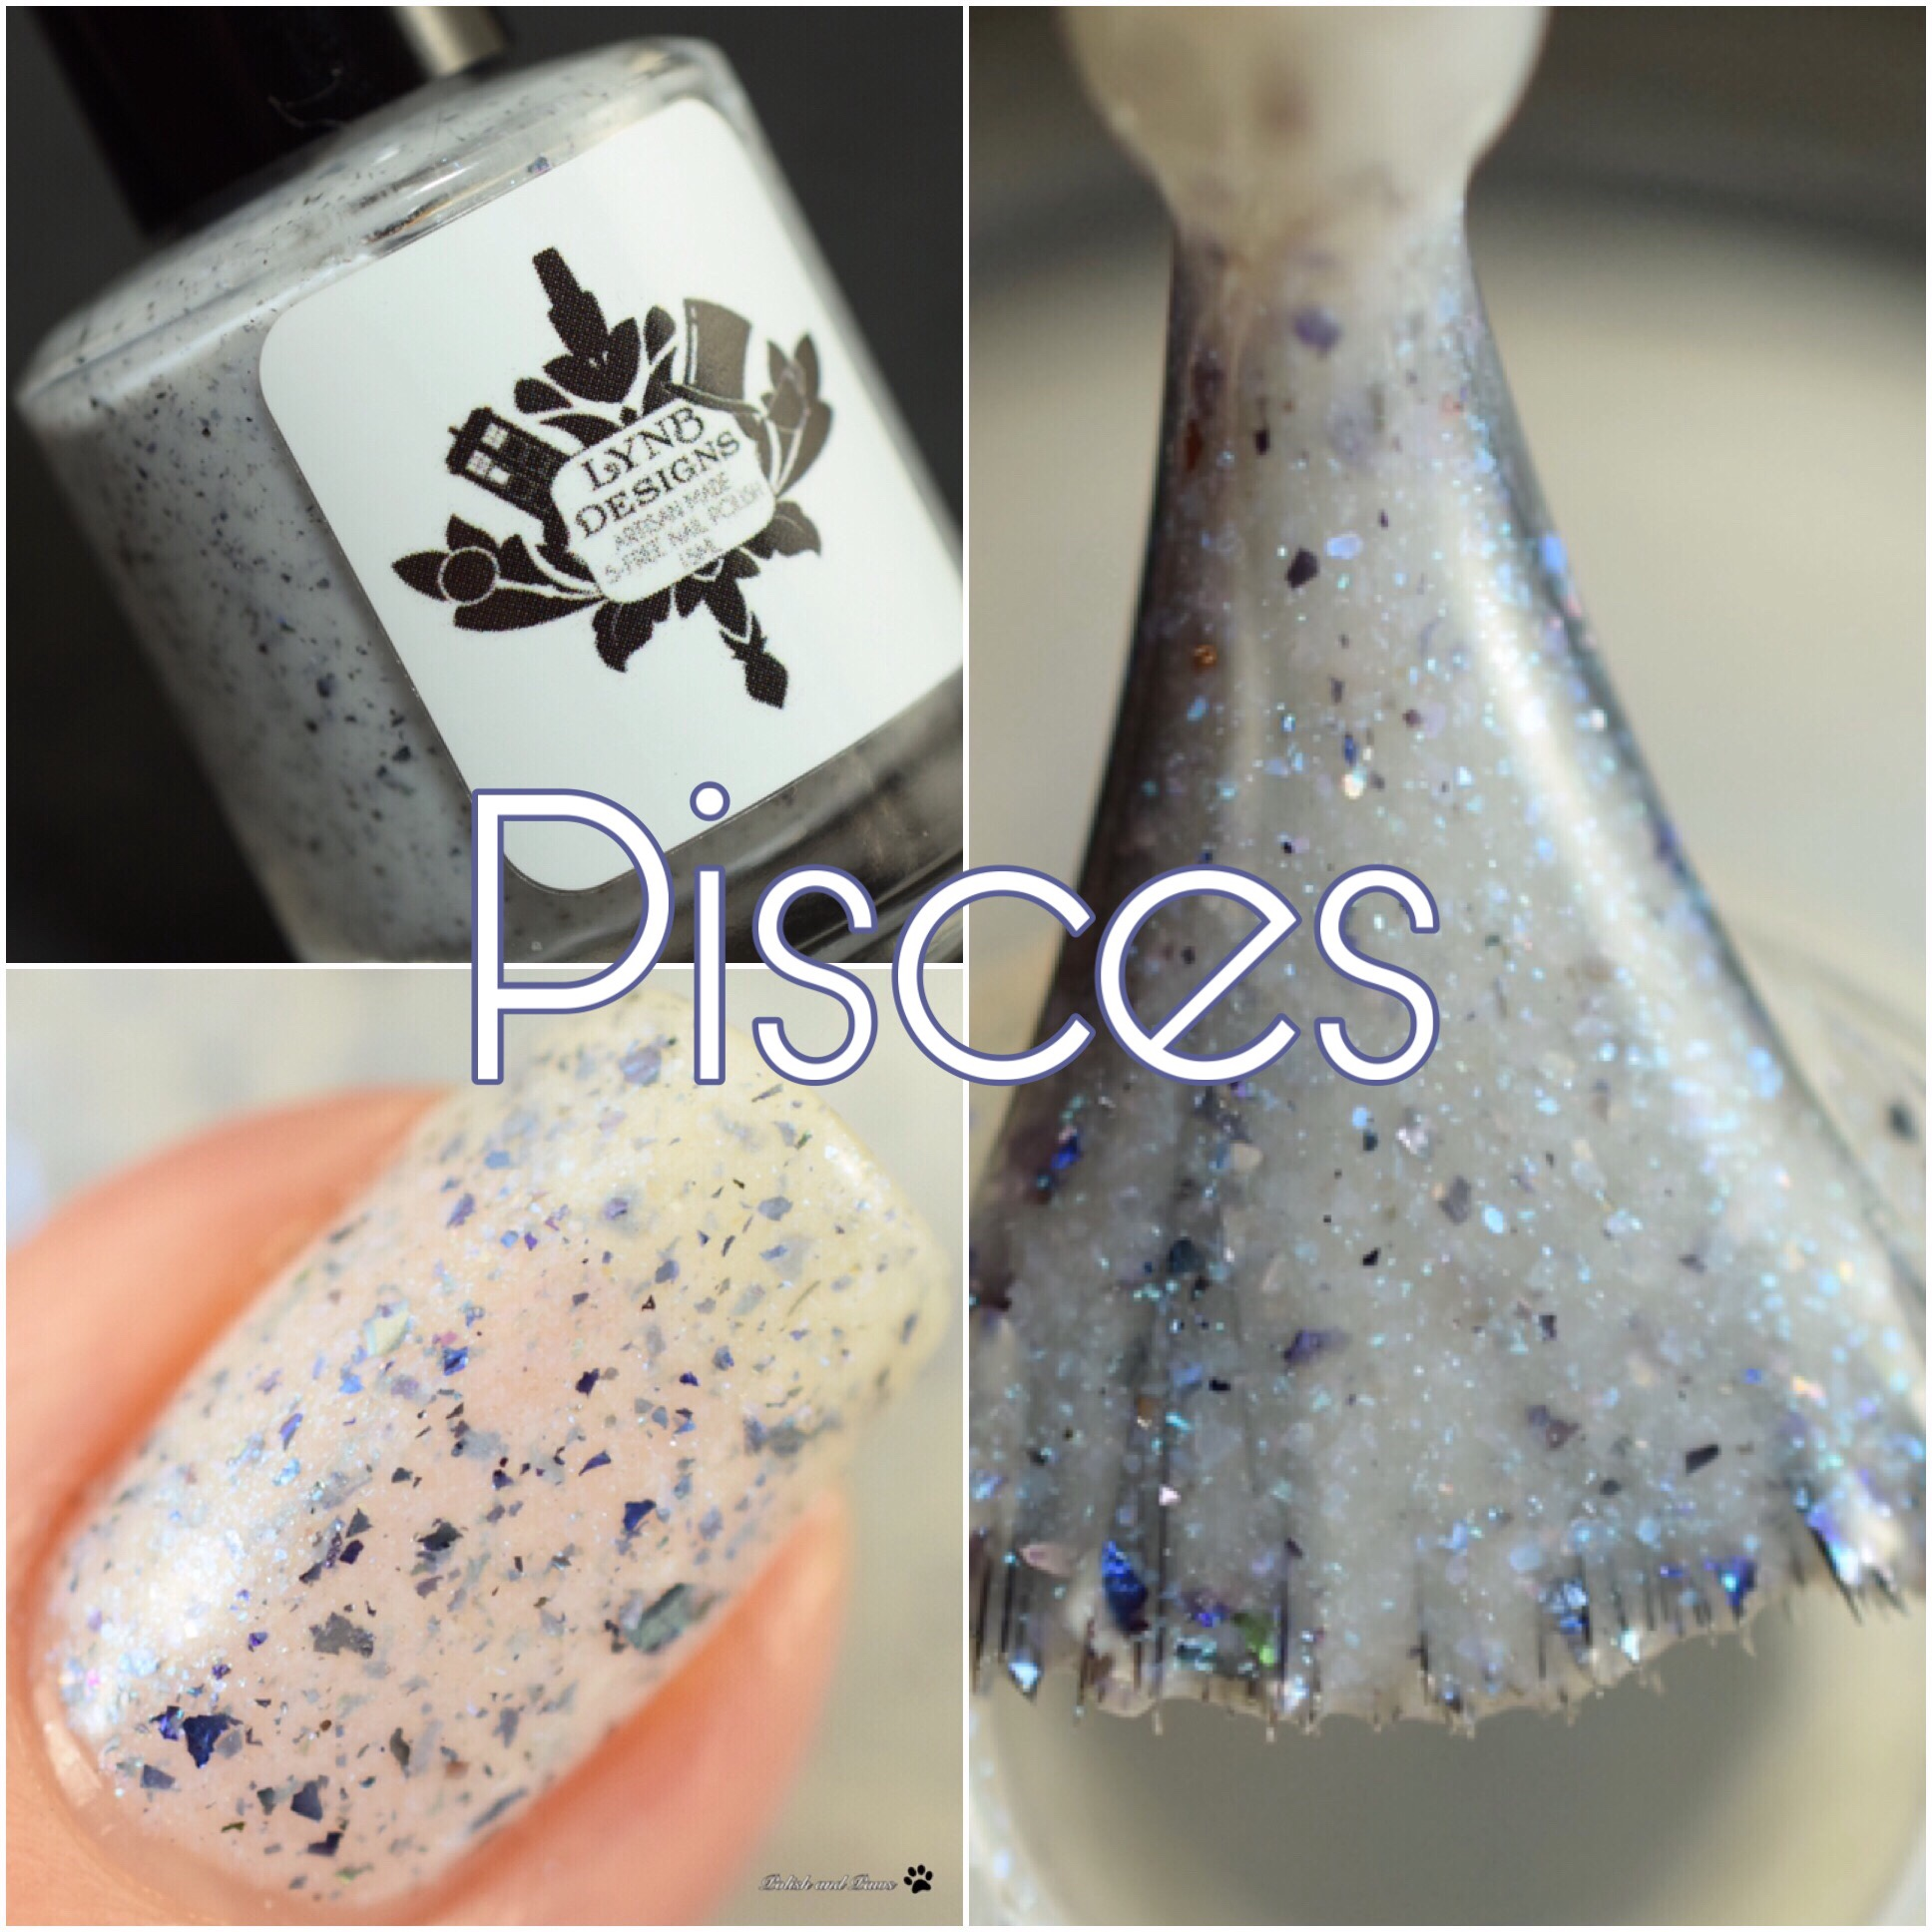 LynB Designs Pisces